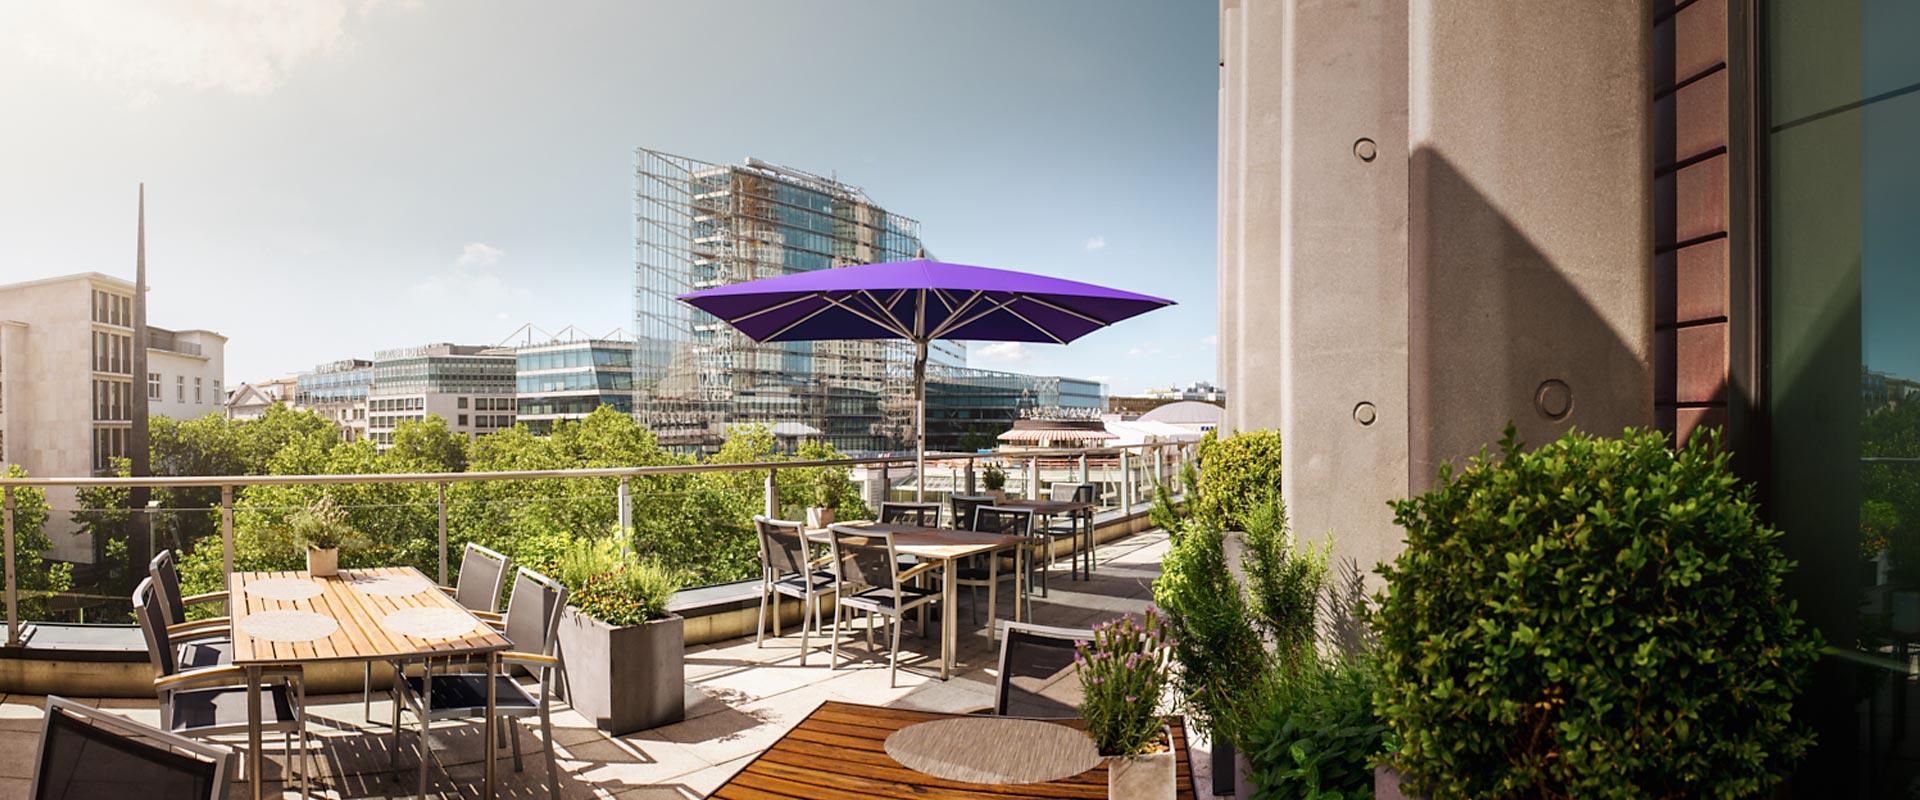 Den perfekten Sonnenschirm für die Terrasse finden